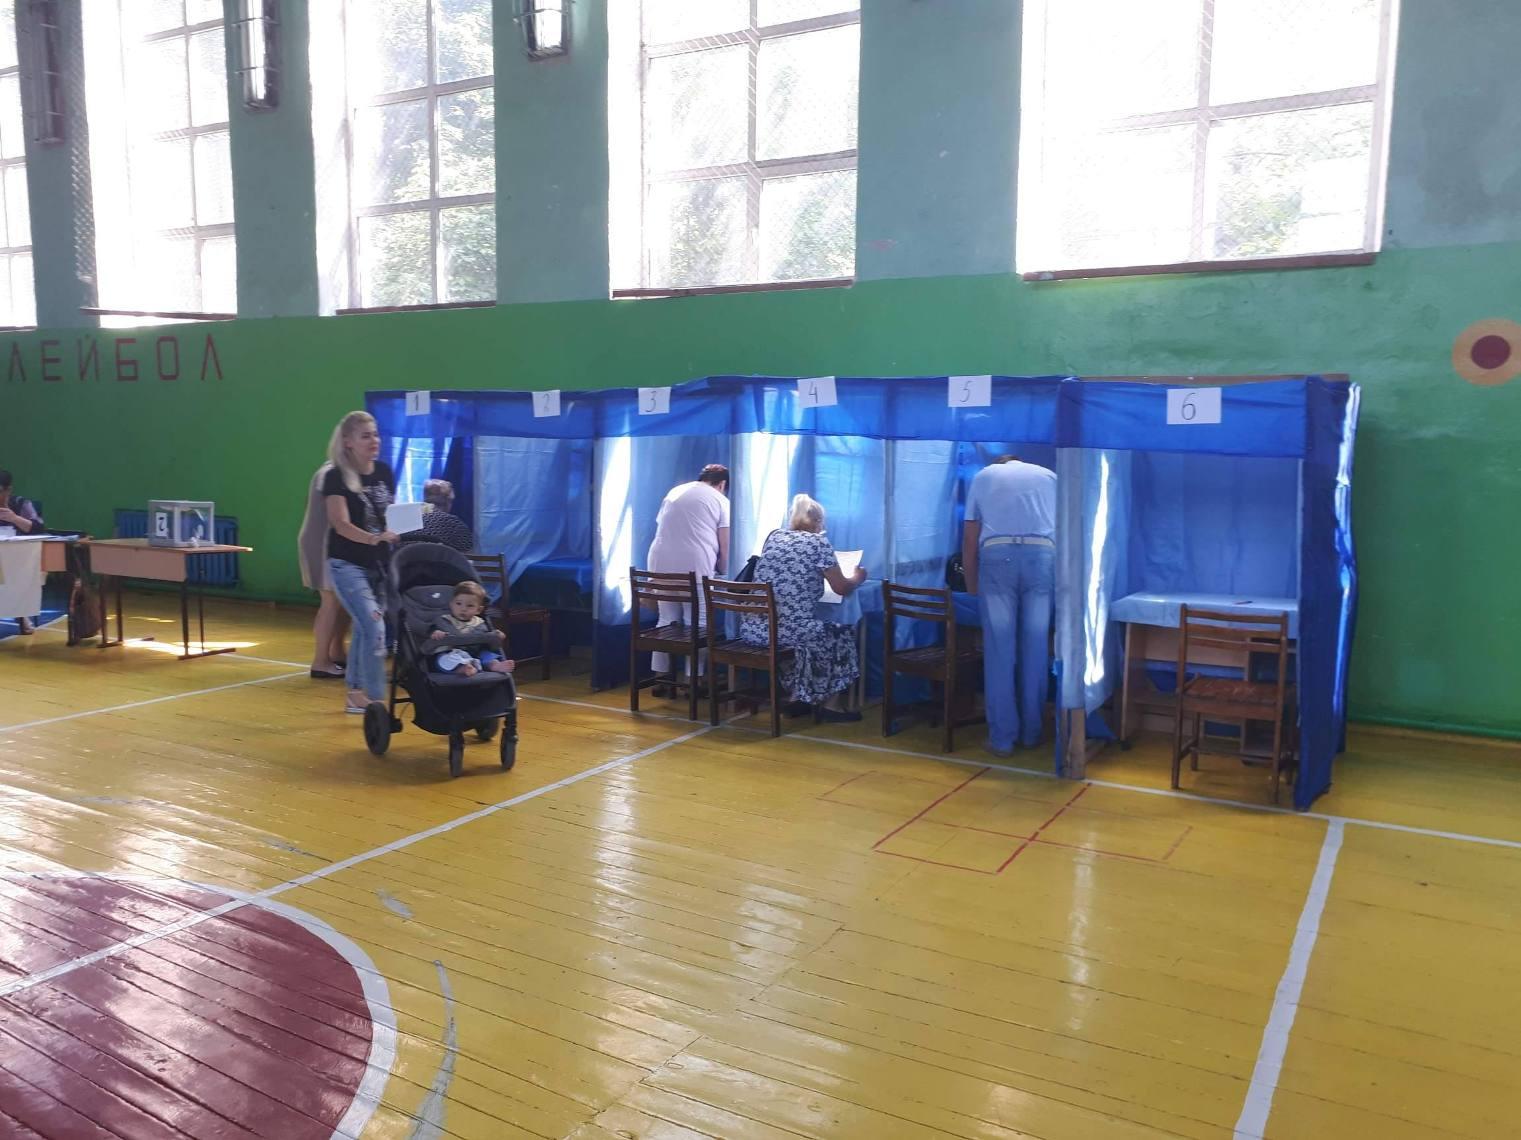 Миколаївщина: на дільниці встановили напіввідкриті кабінки, а член ДВК